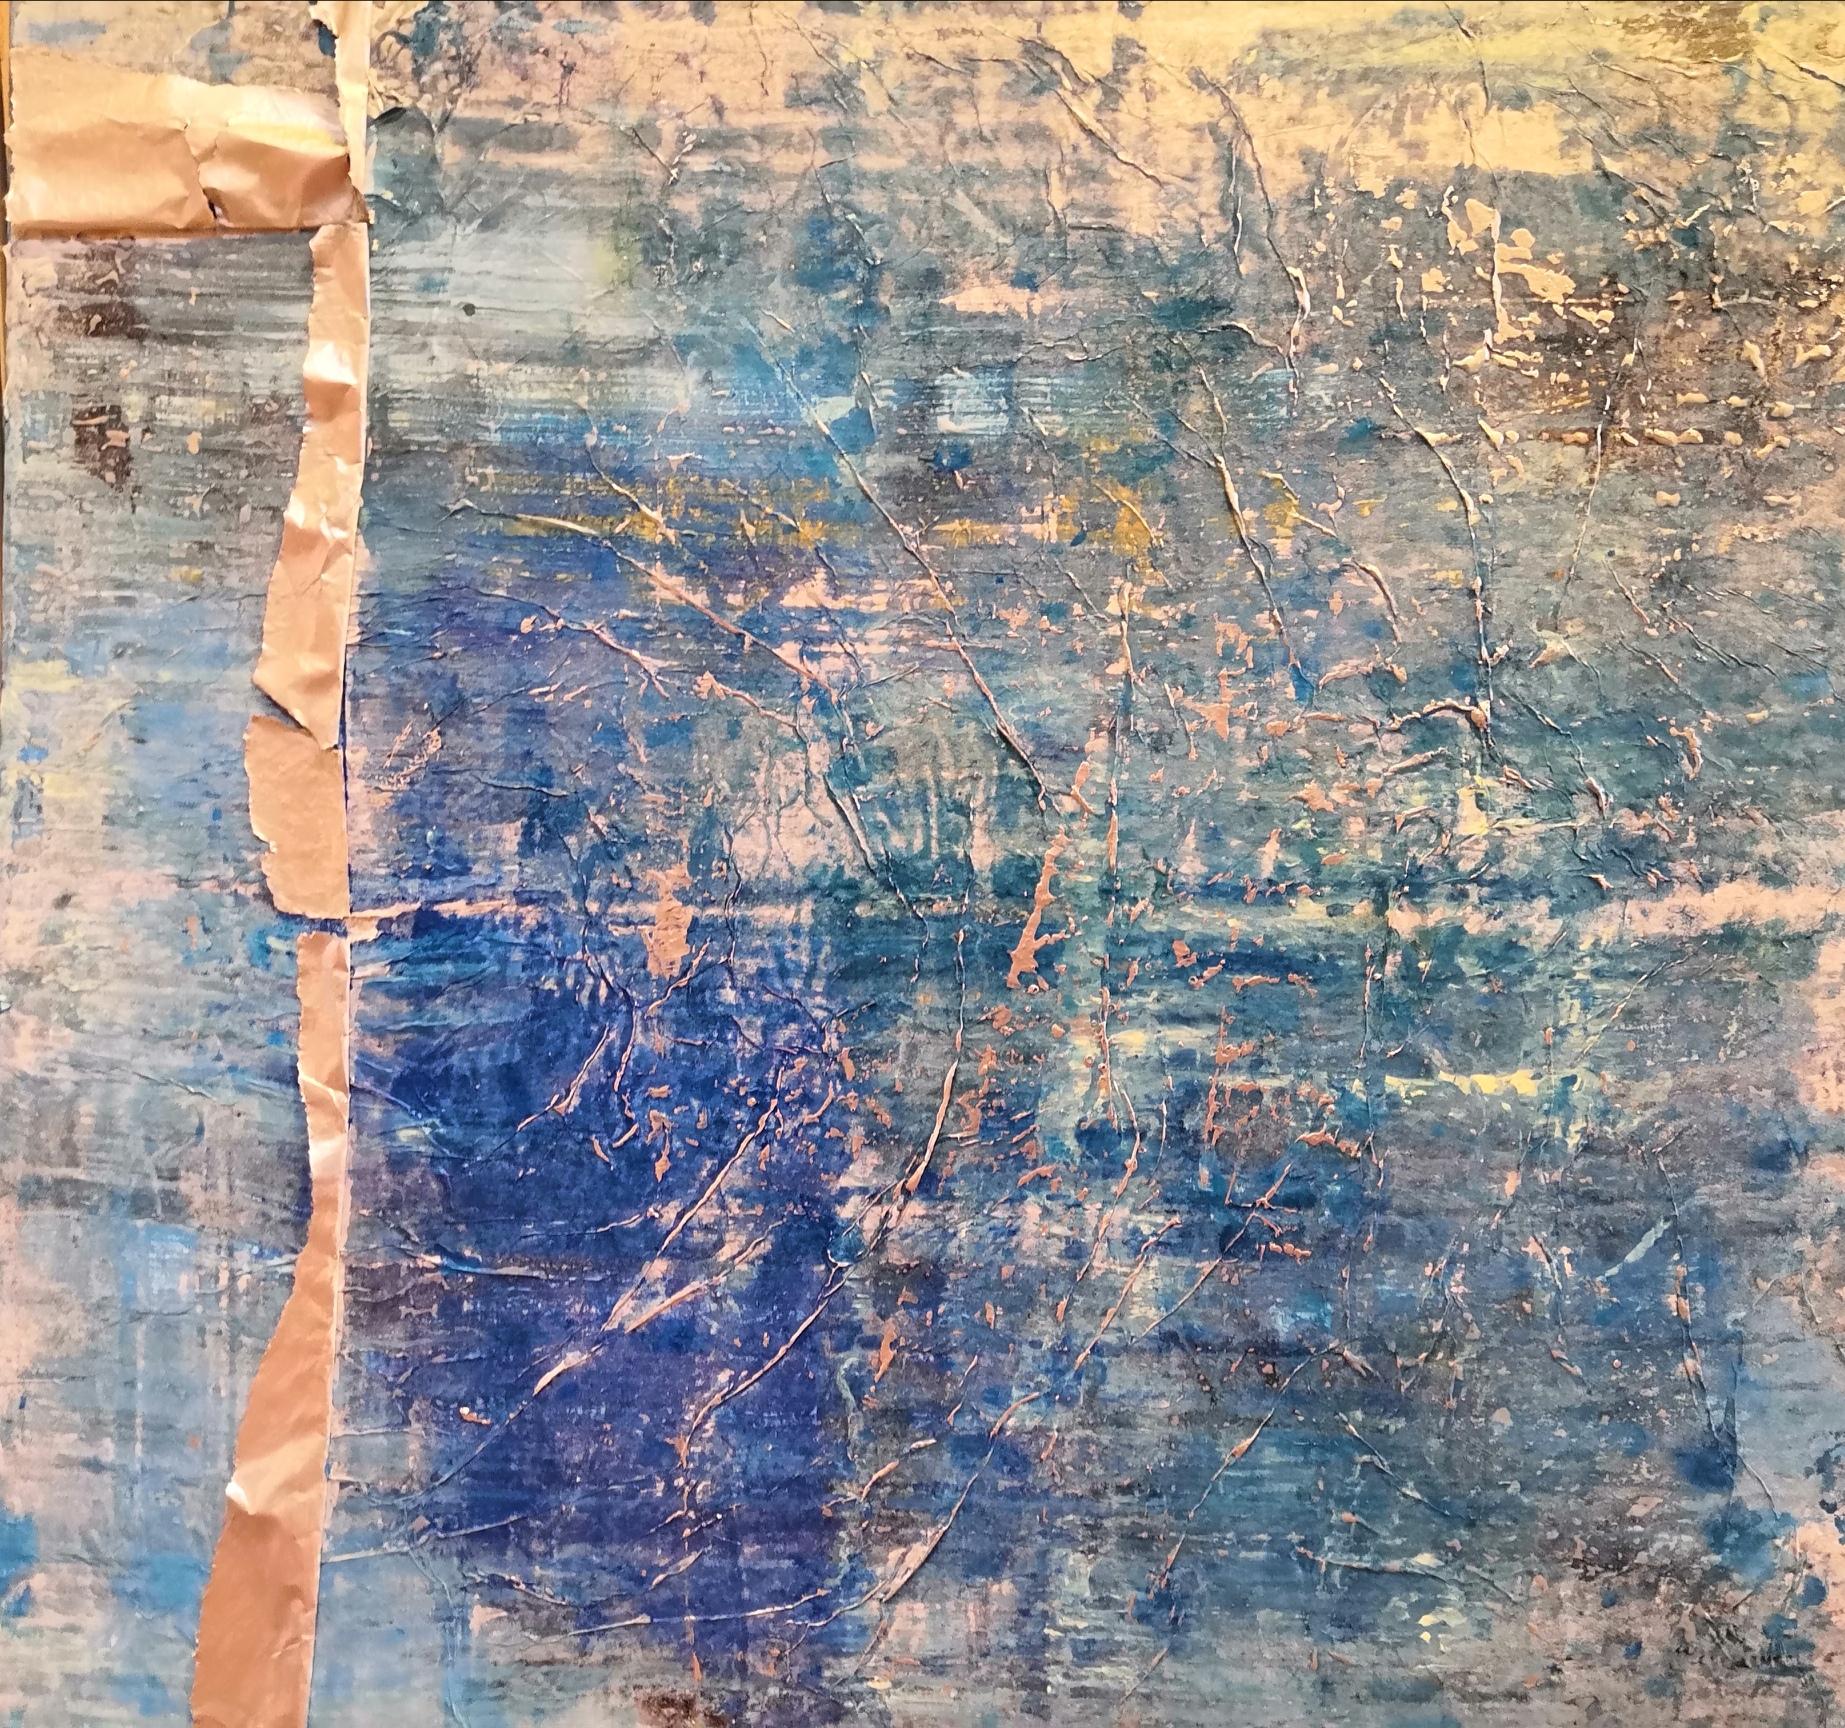 Silberscheif, 80 x 80 cm, Mischtechnik auf Leinwand